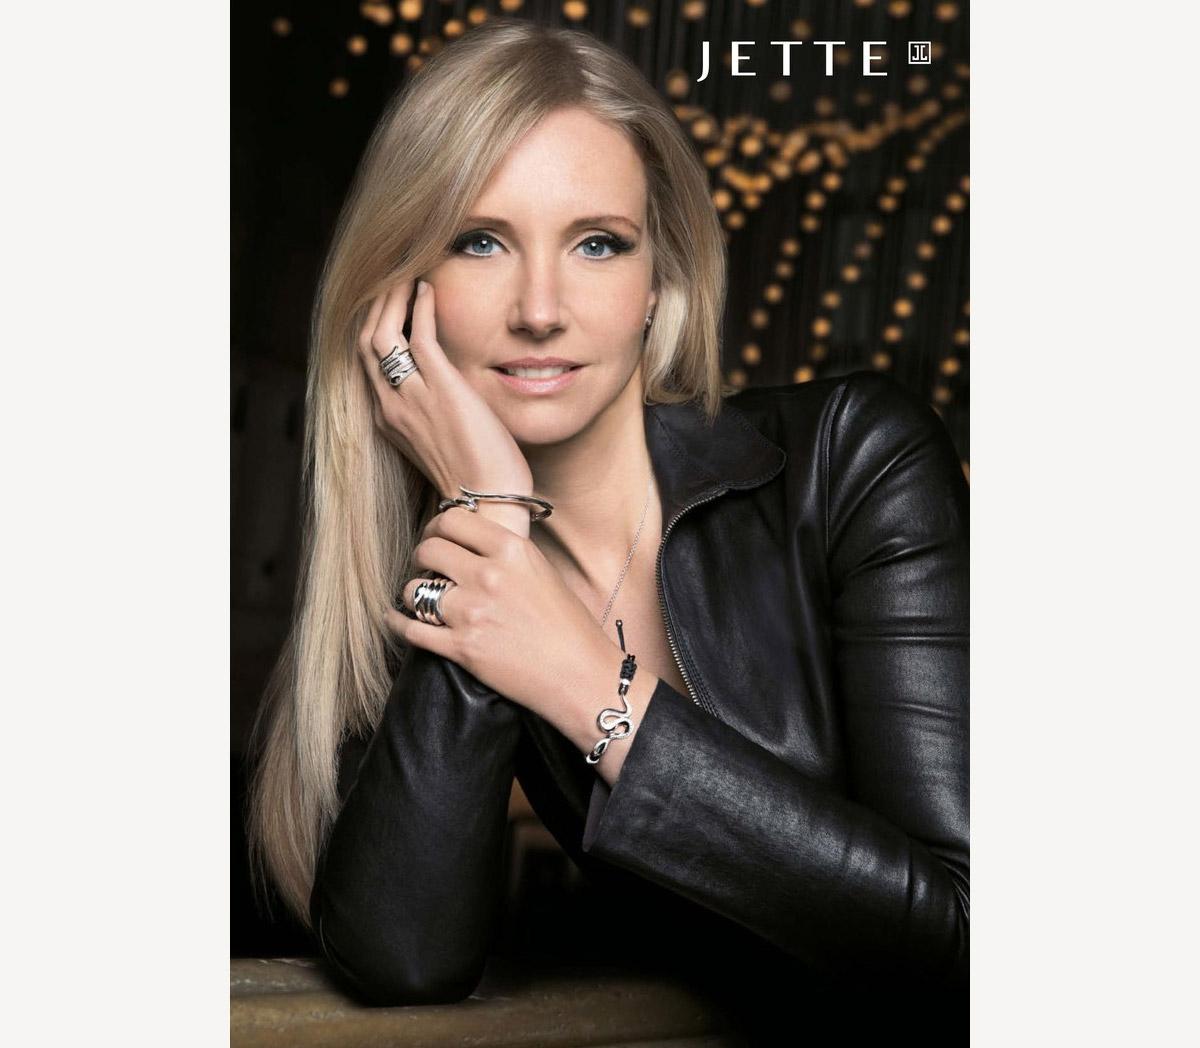 Jette-Joop-Christ.jpg